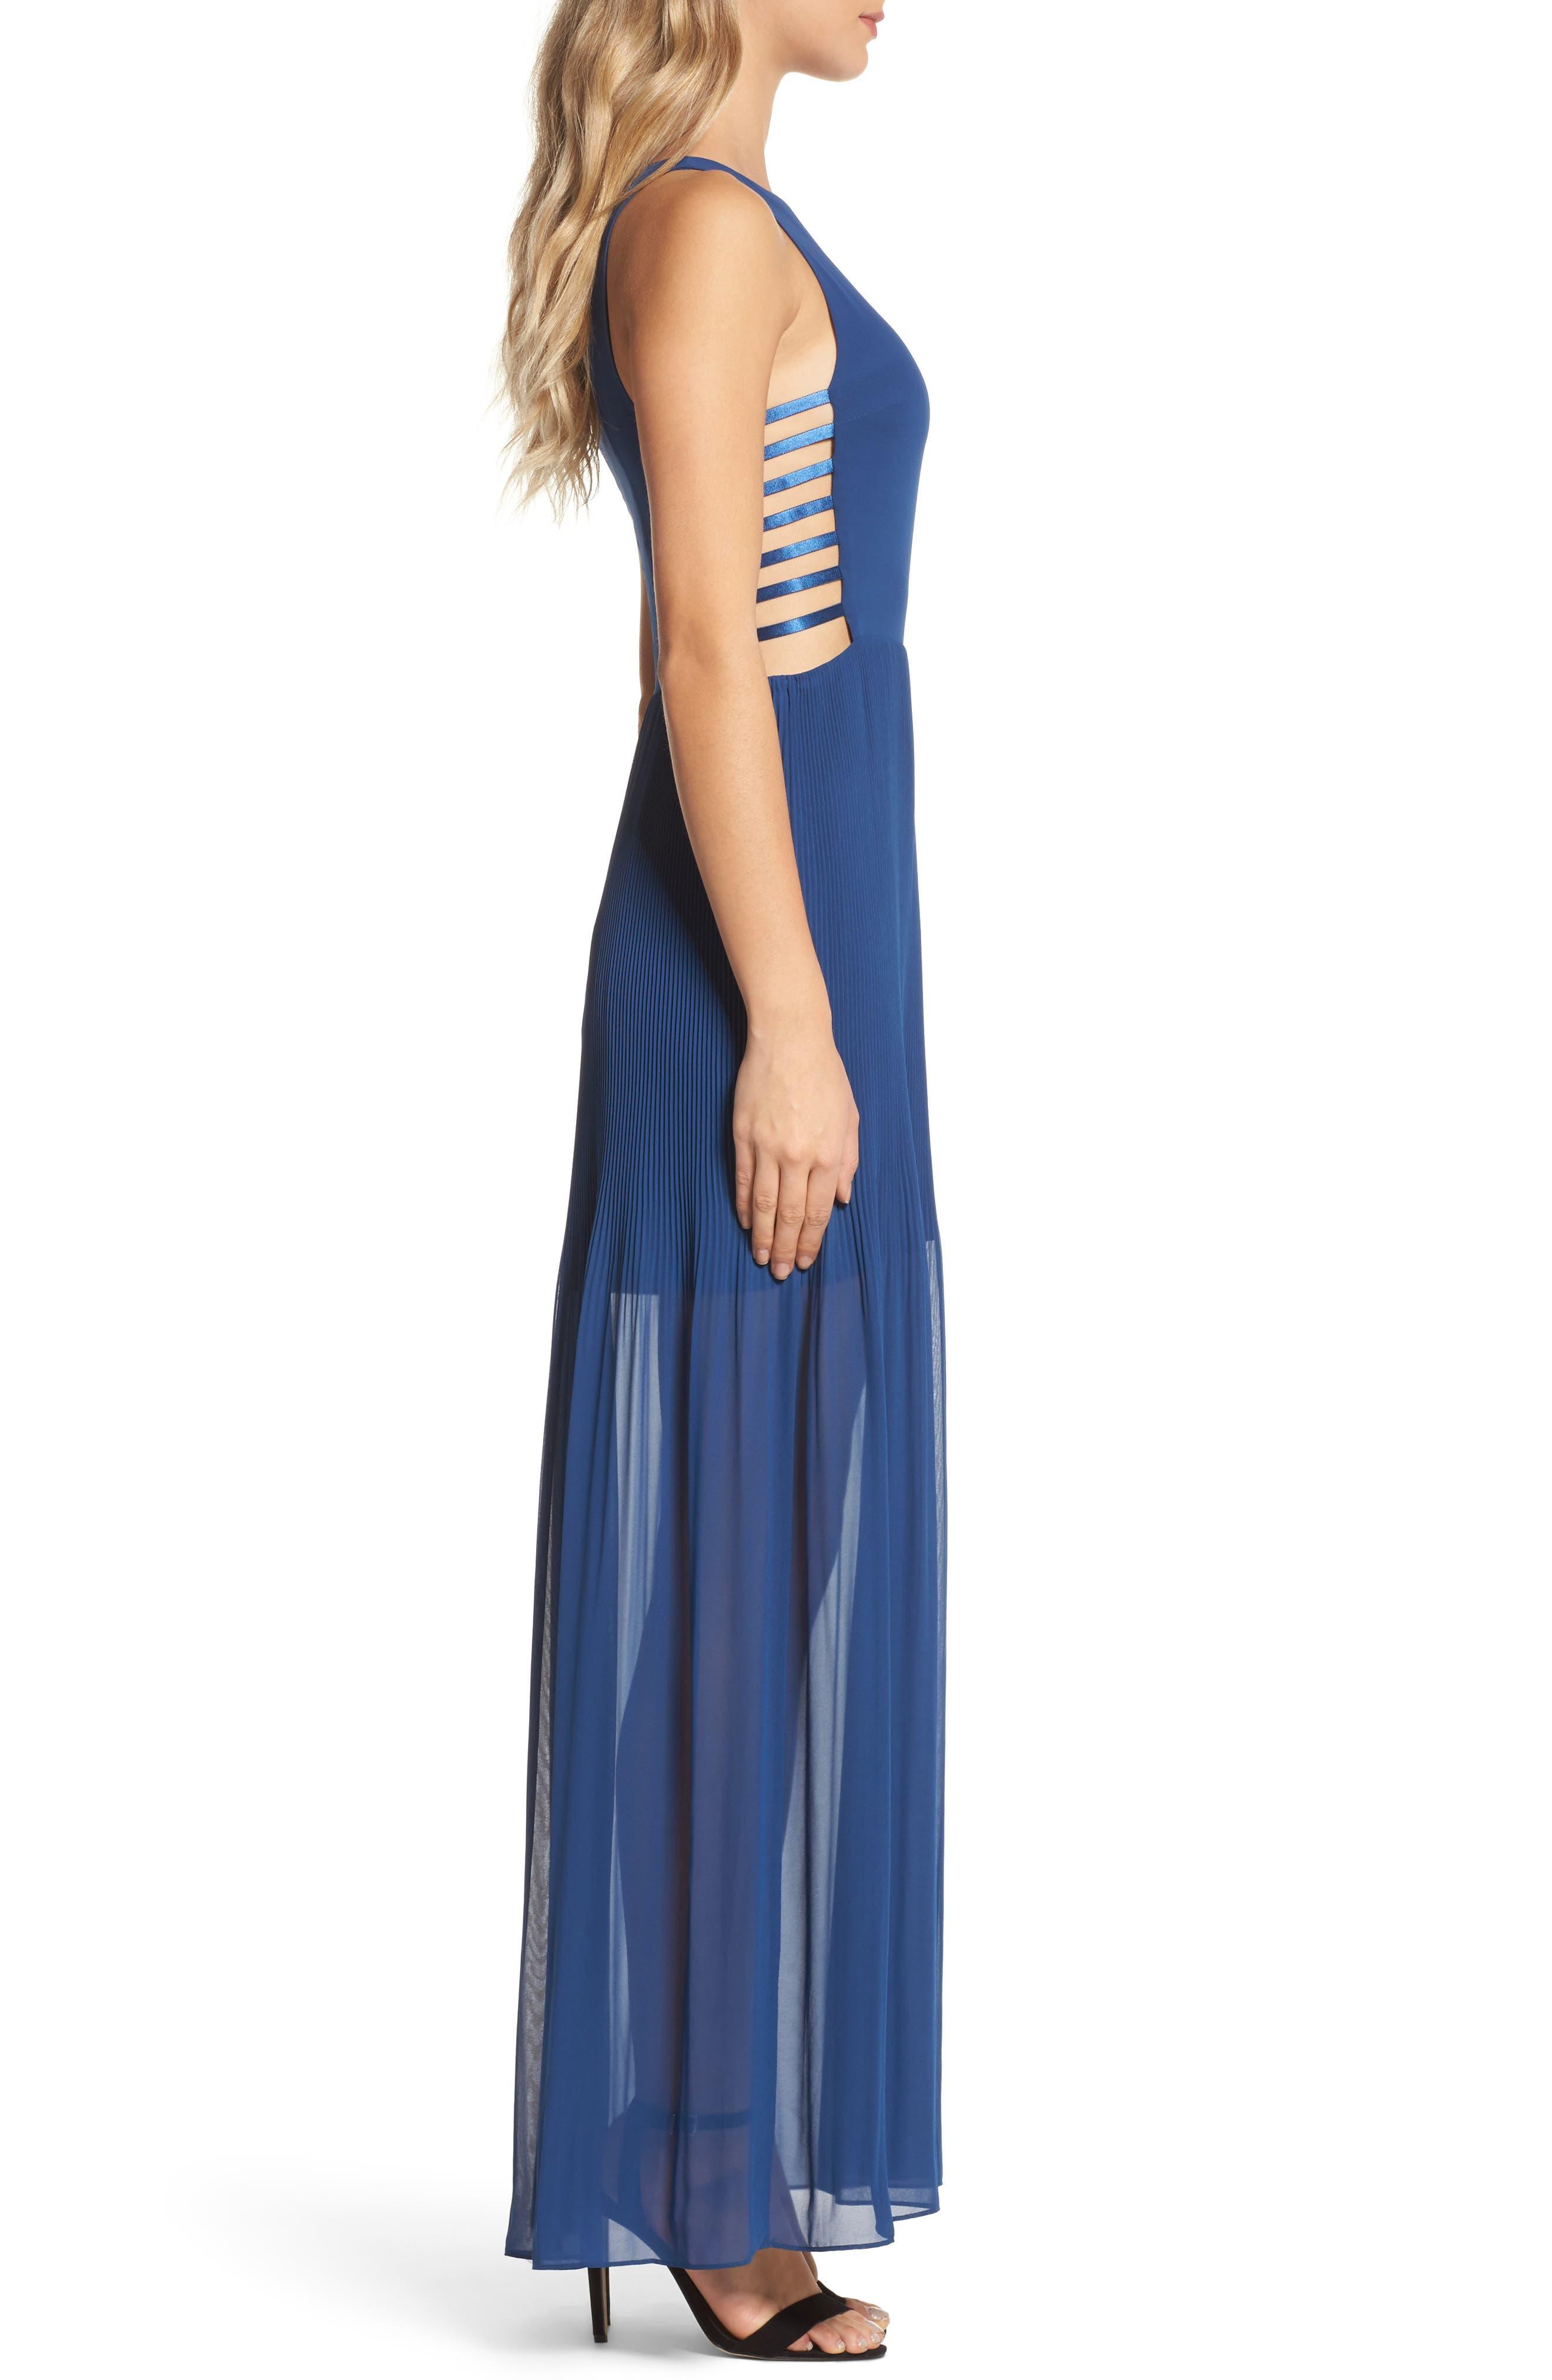 Sunset Blvd Maxi Dress,                             Alternate thumbnail 6, color,